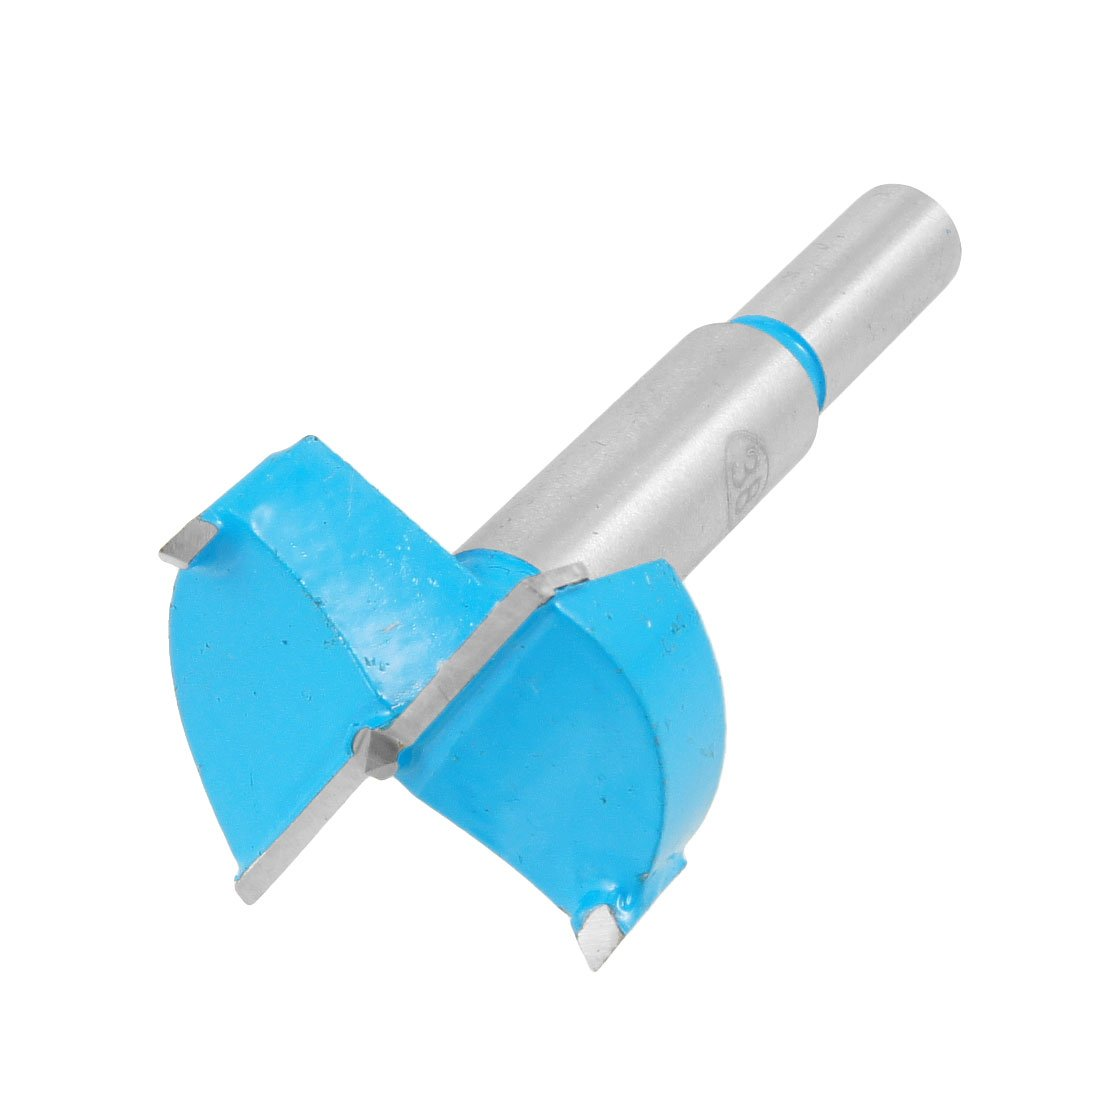 Sourcingmap a12091300ux0322 Fraise pour charniè re Bleu/gris 38 mm